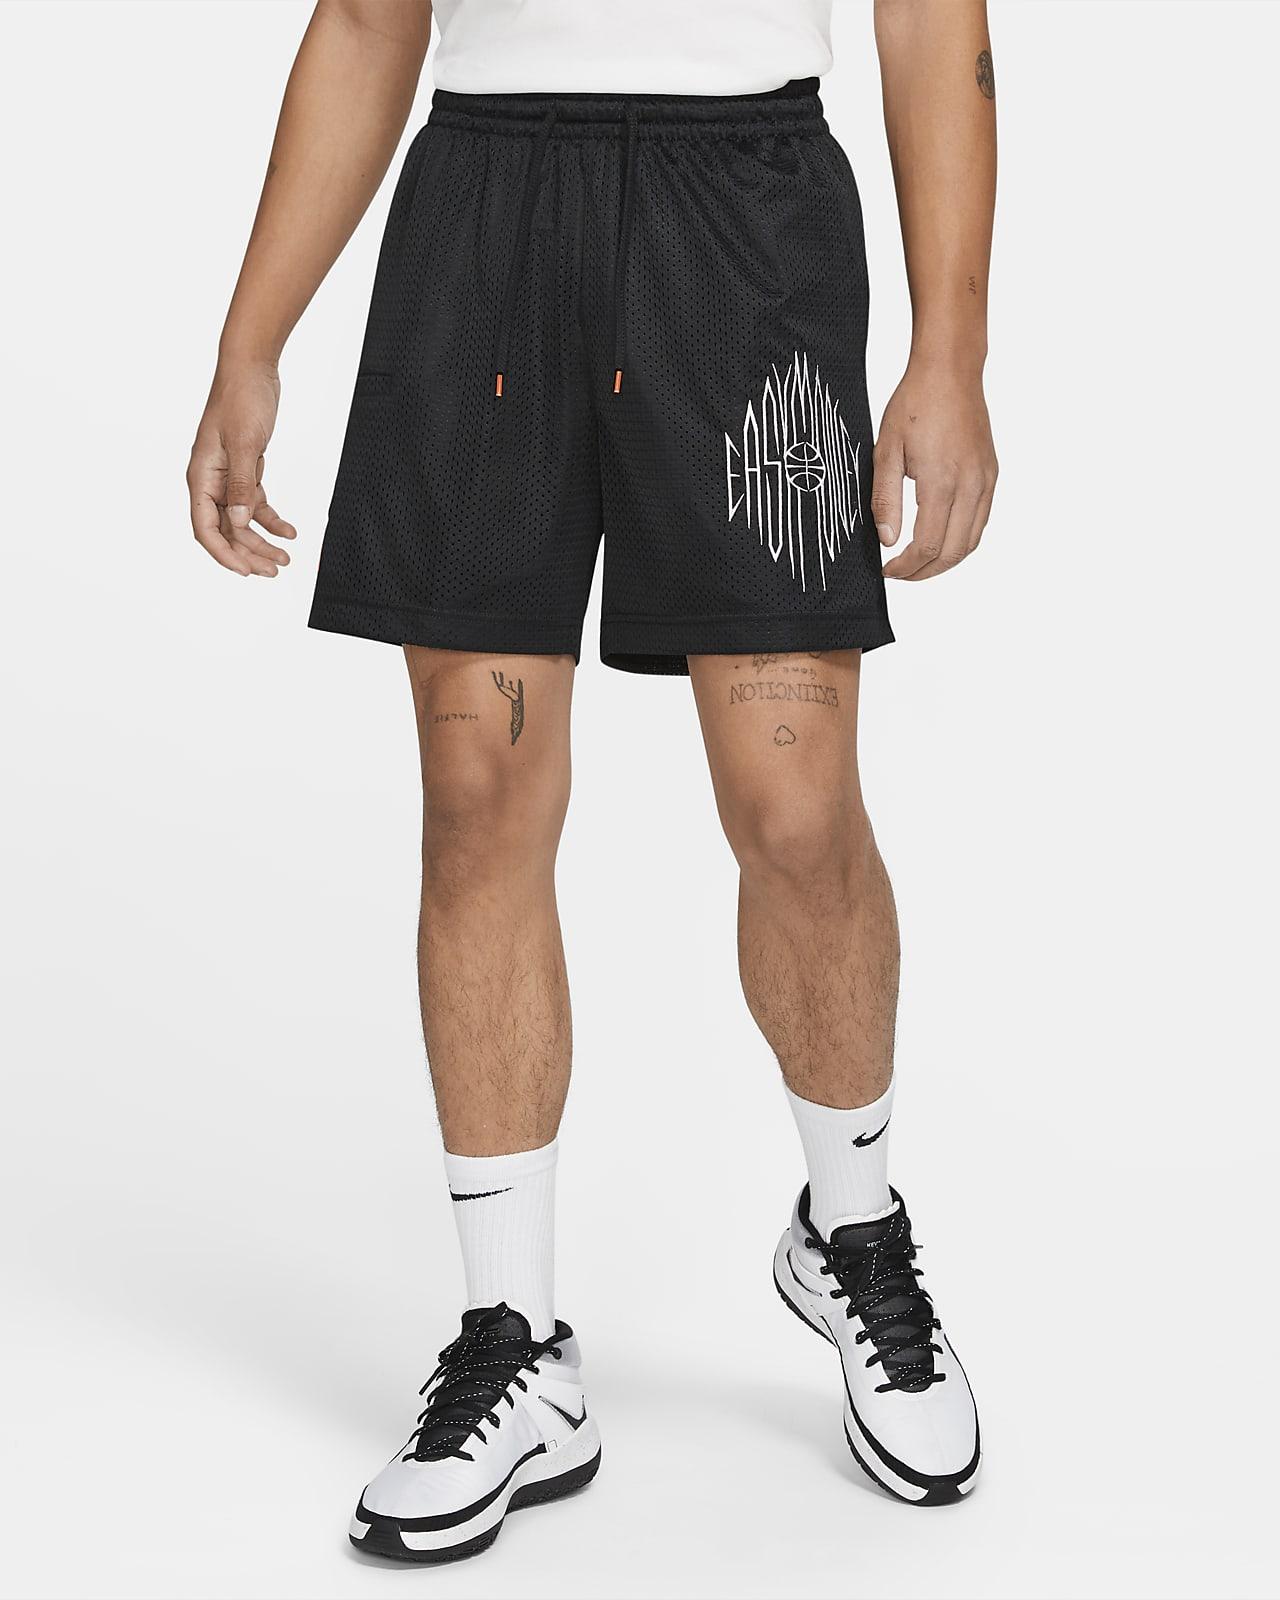 KD Pantalón corto de baloncesto - Hombre